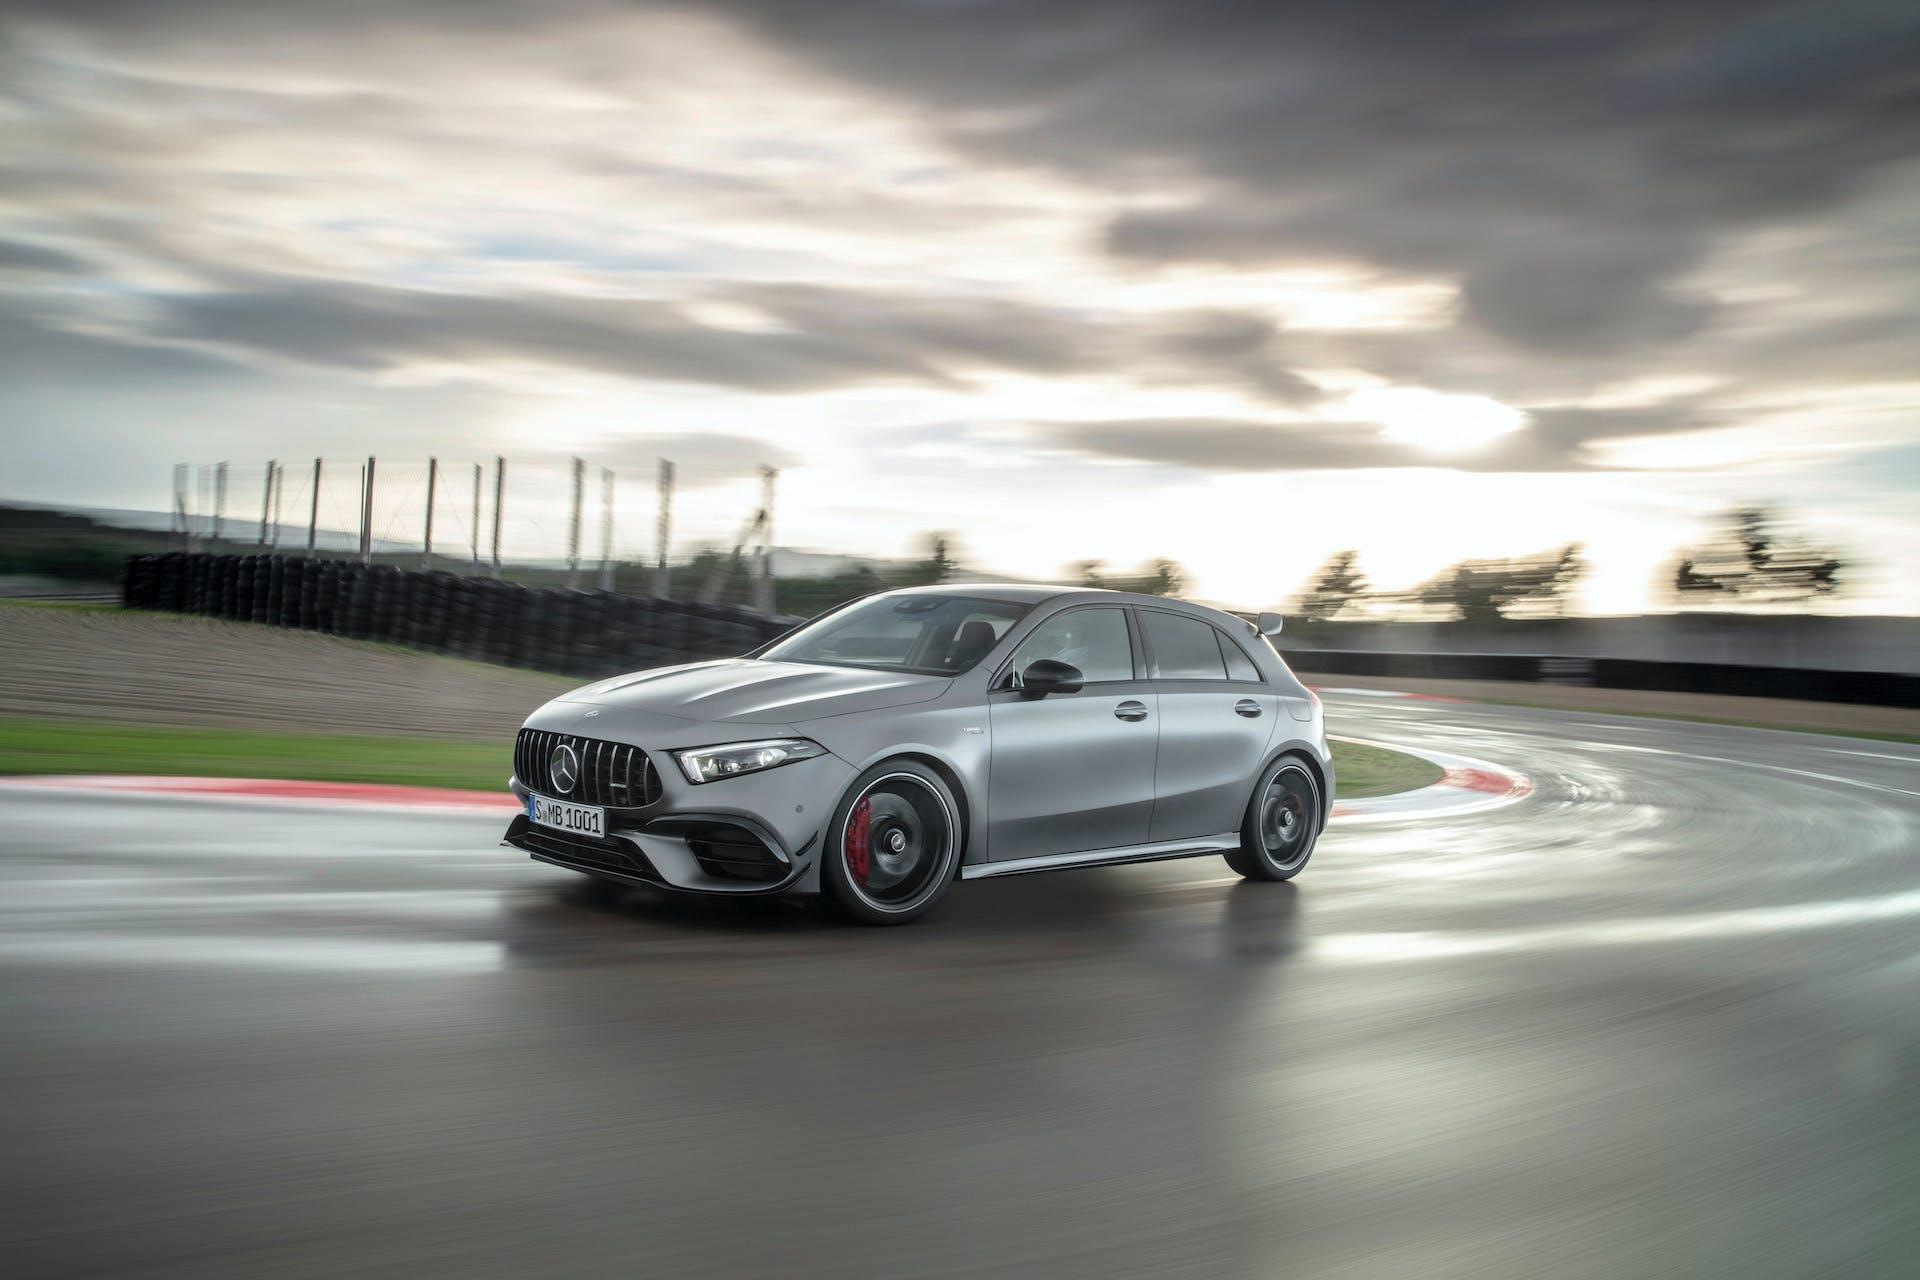 Mercedes-AMG A45 grigia in pista